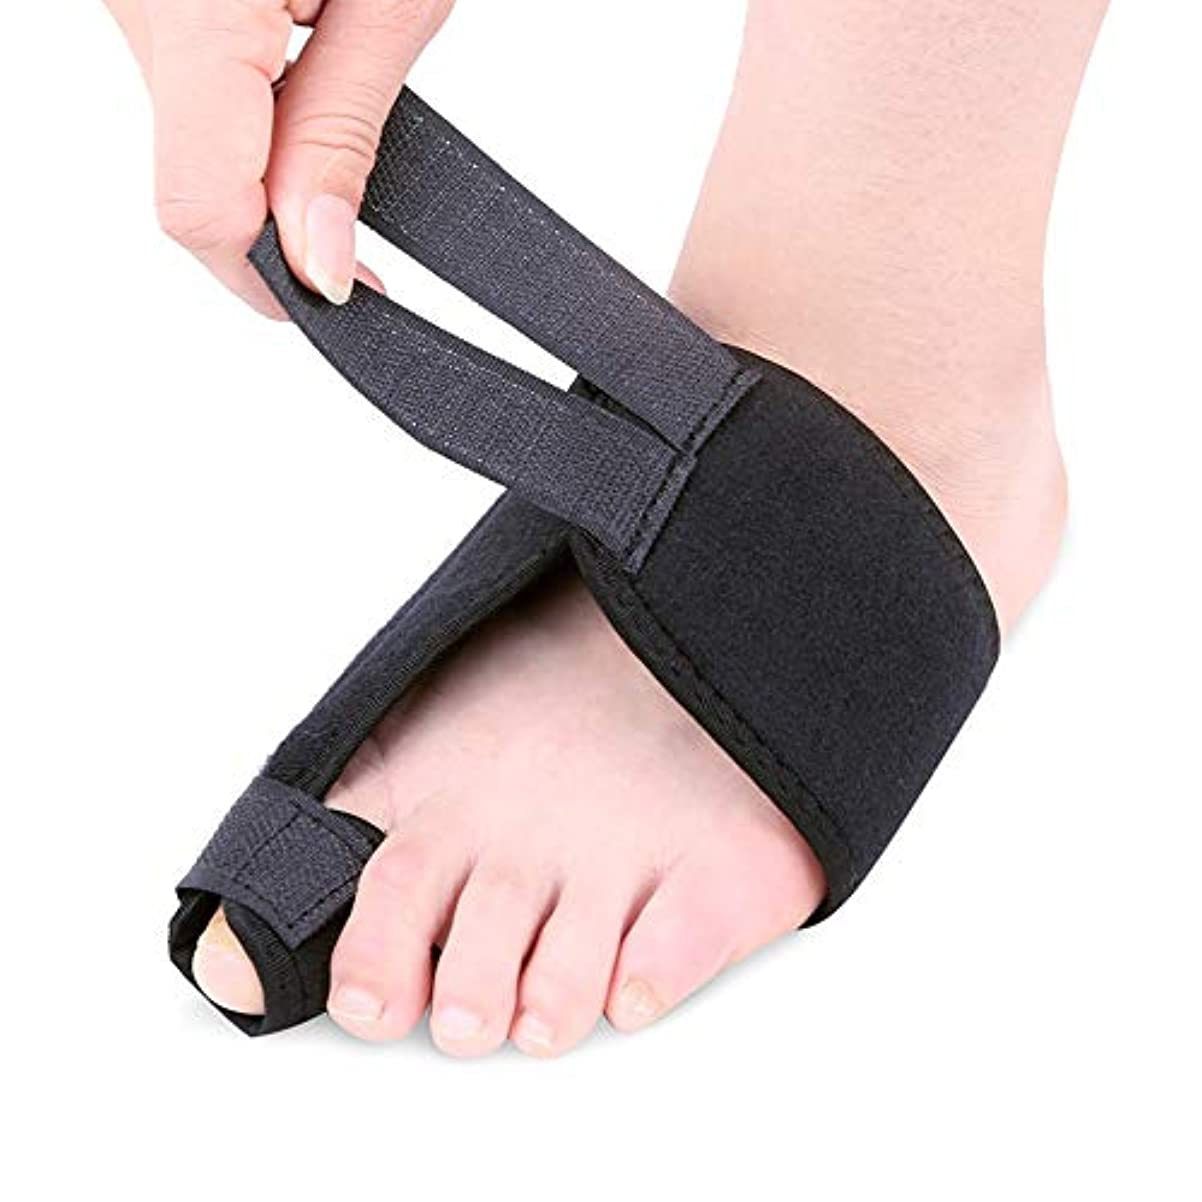 レタスリークコットン外反母趾足指セパレーターは足指重複嚢胞通気性吸収汗を予防し、ヨガ後の痛みと変形を軽減,M